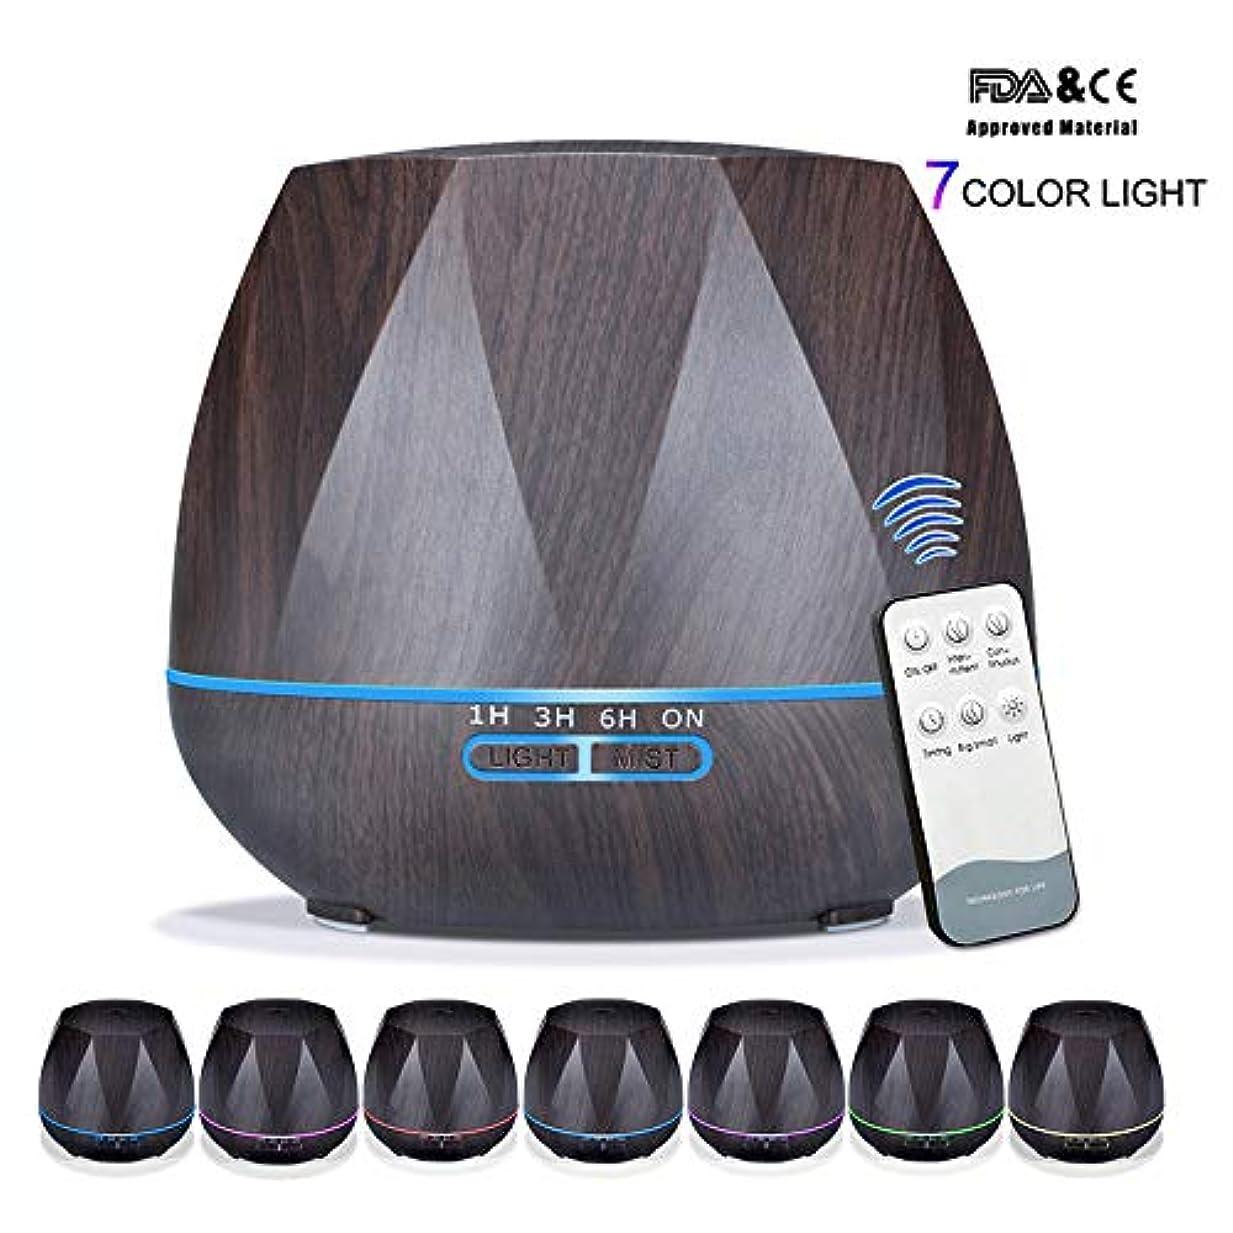 フレッシュ収まる杖アロマセラピーエッセンシャルオイルアロマディフューザーリモートコントロール7色LEDライトホームエアアロマディフューザー加湿器550ML,Black,Remote